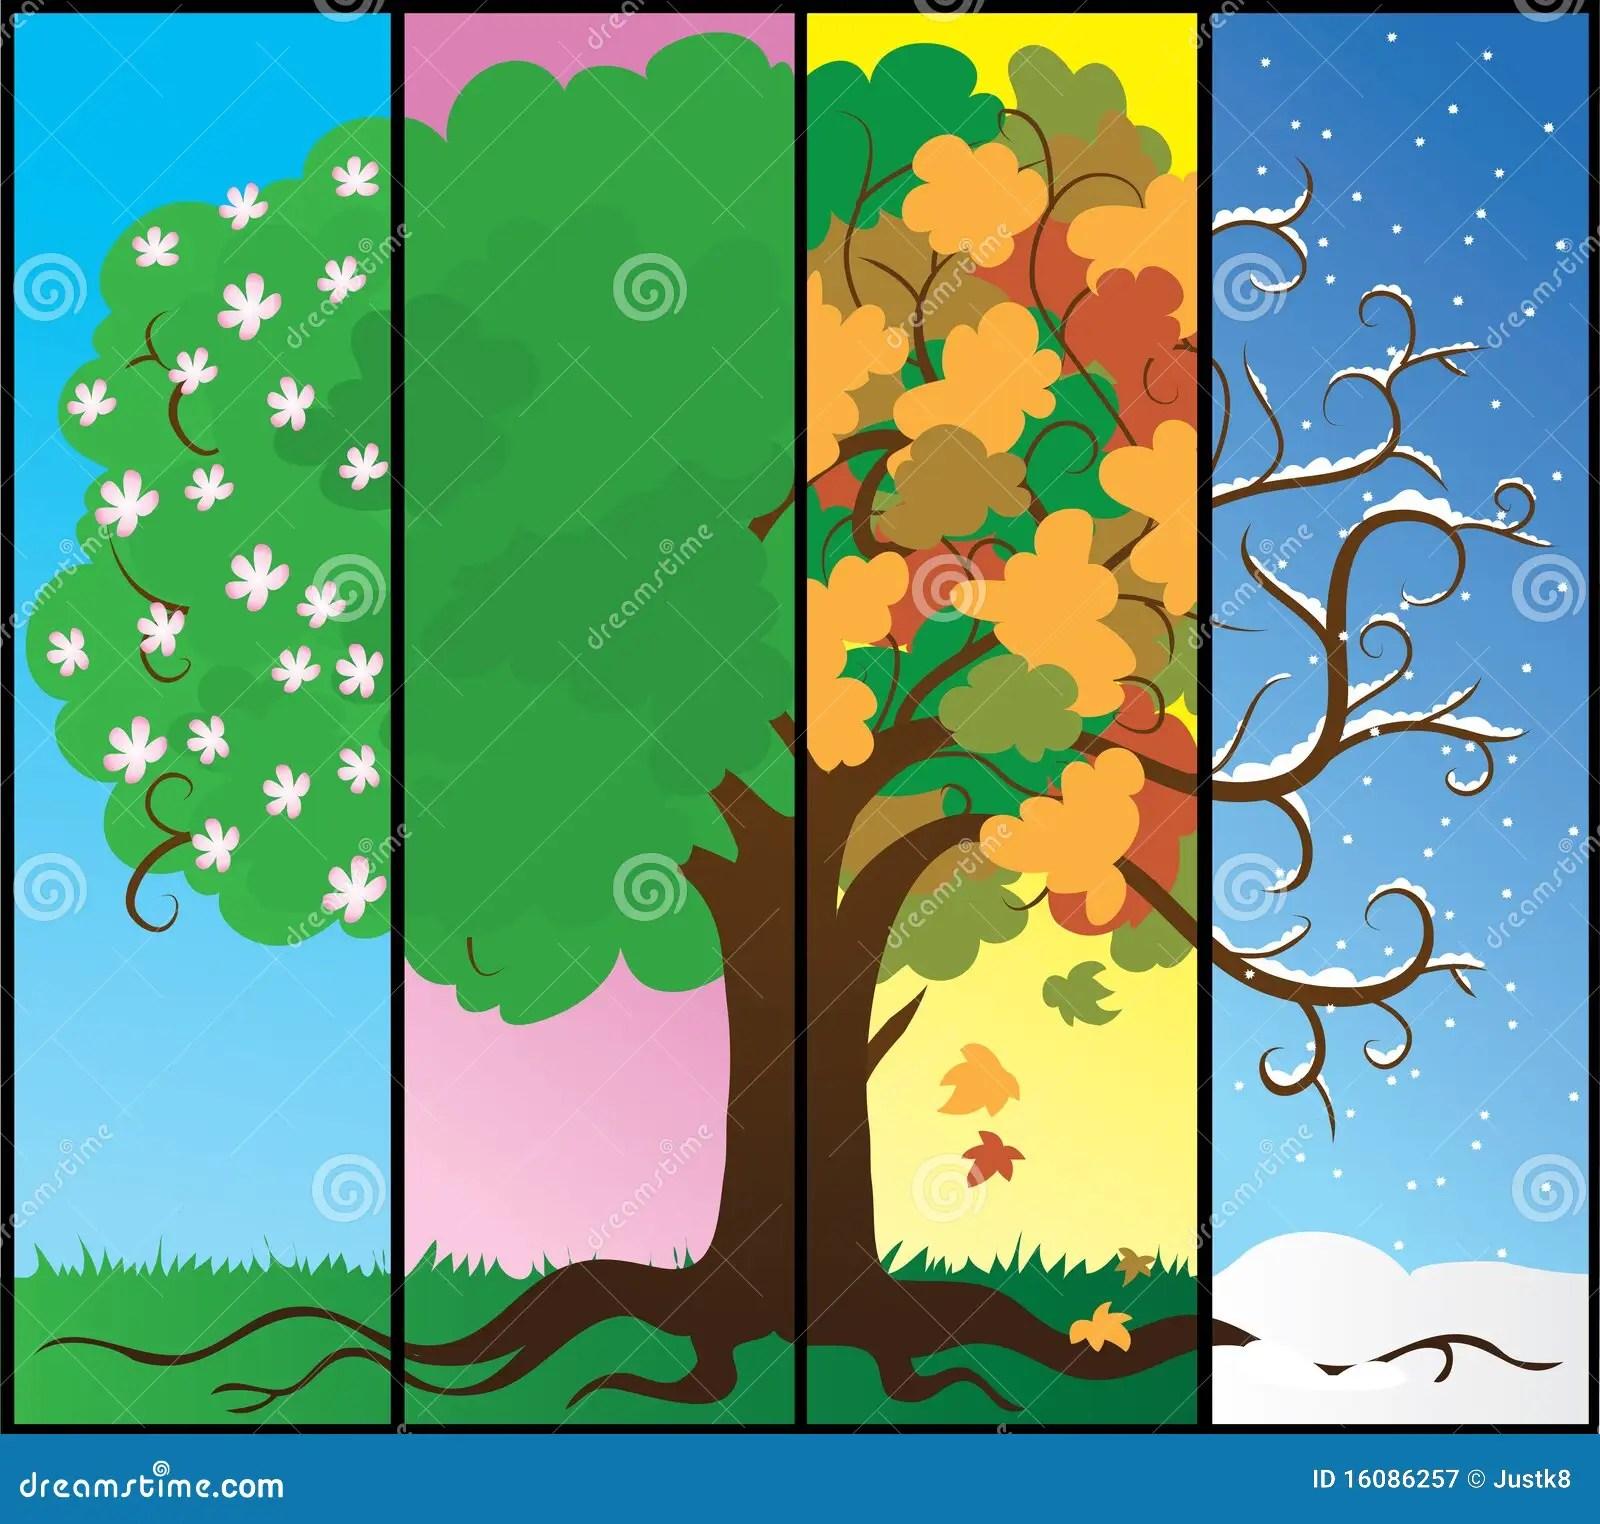 Seasons Tree Royalty Free Stock Photography